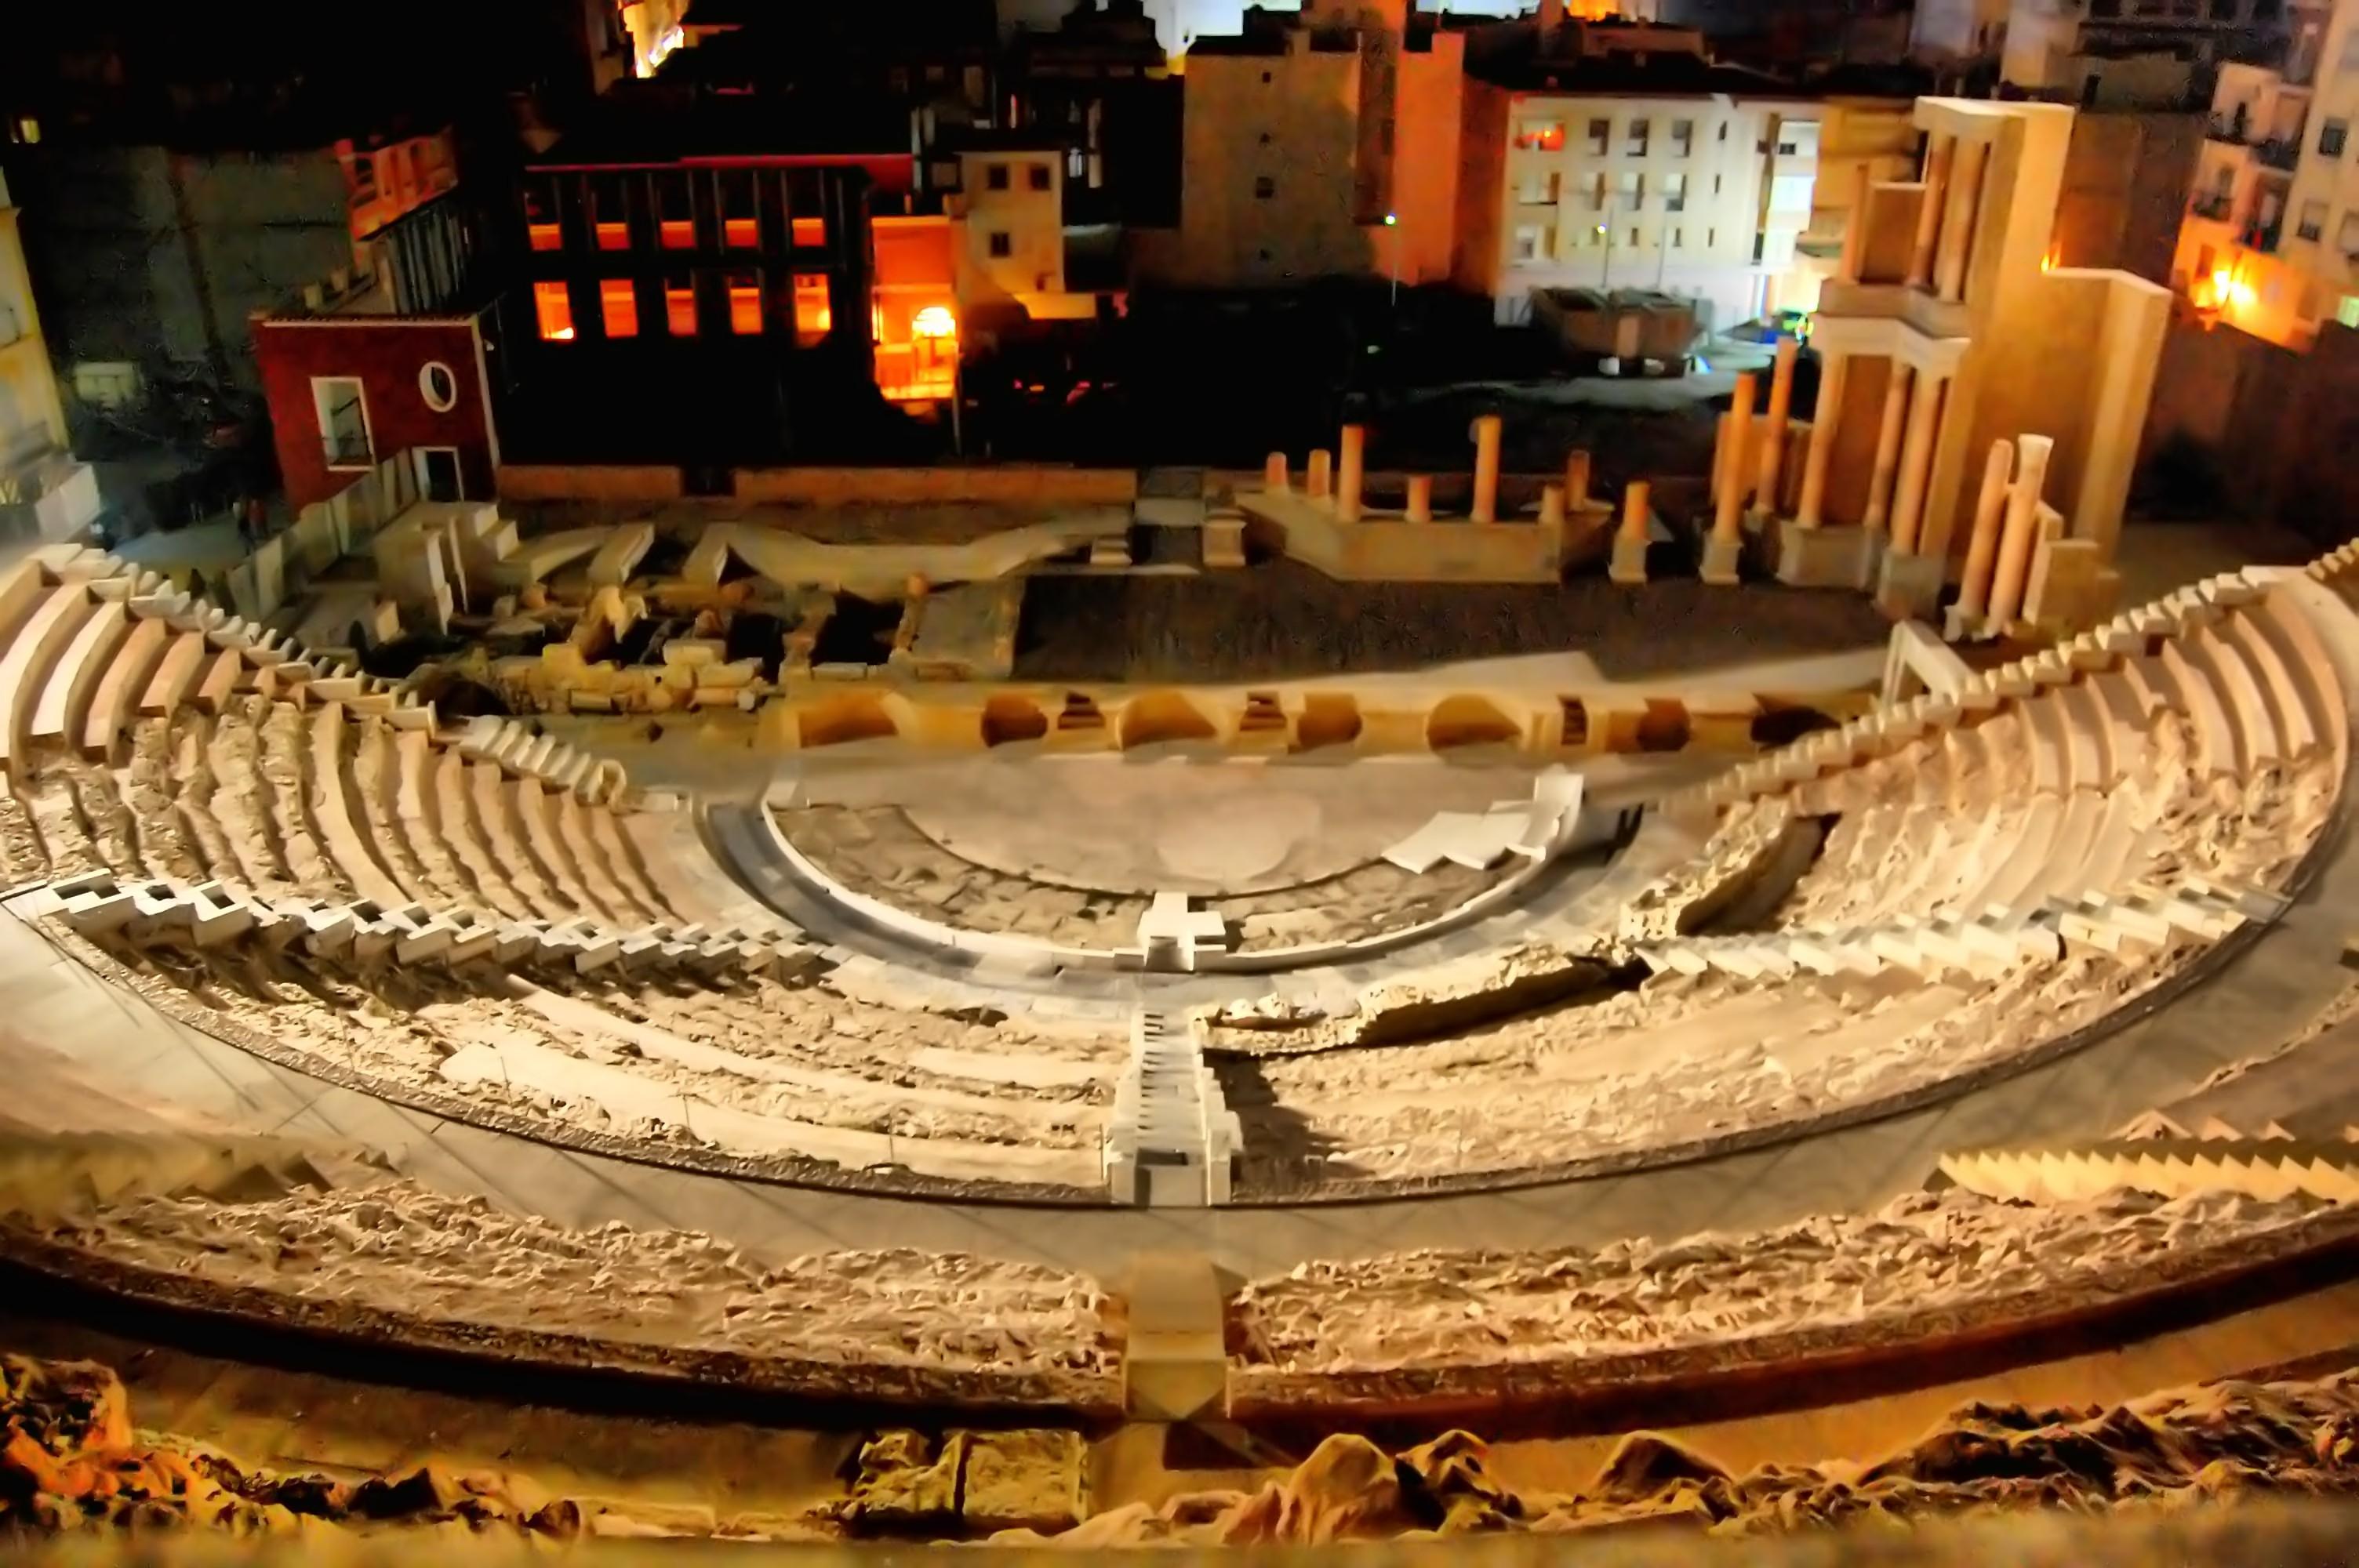 Teatro Romano Noche